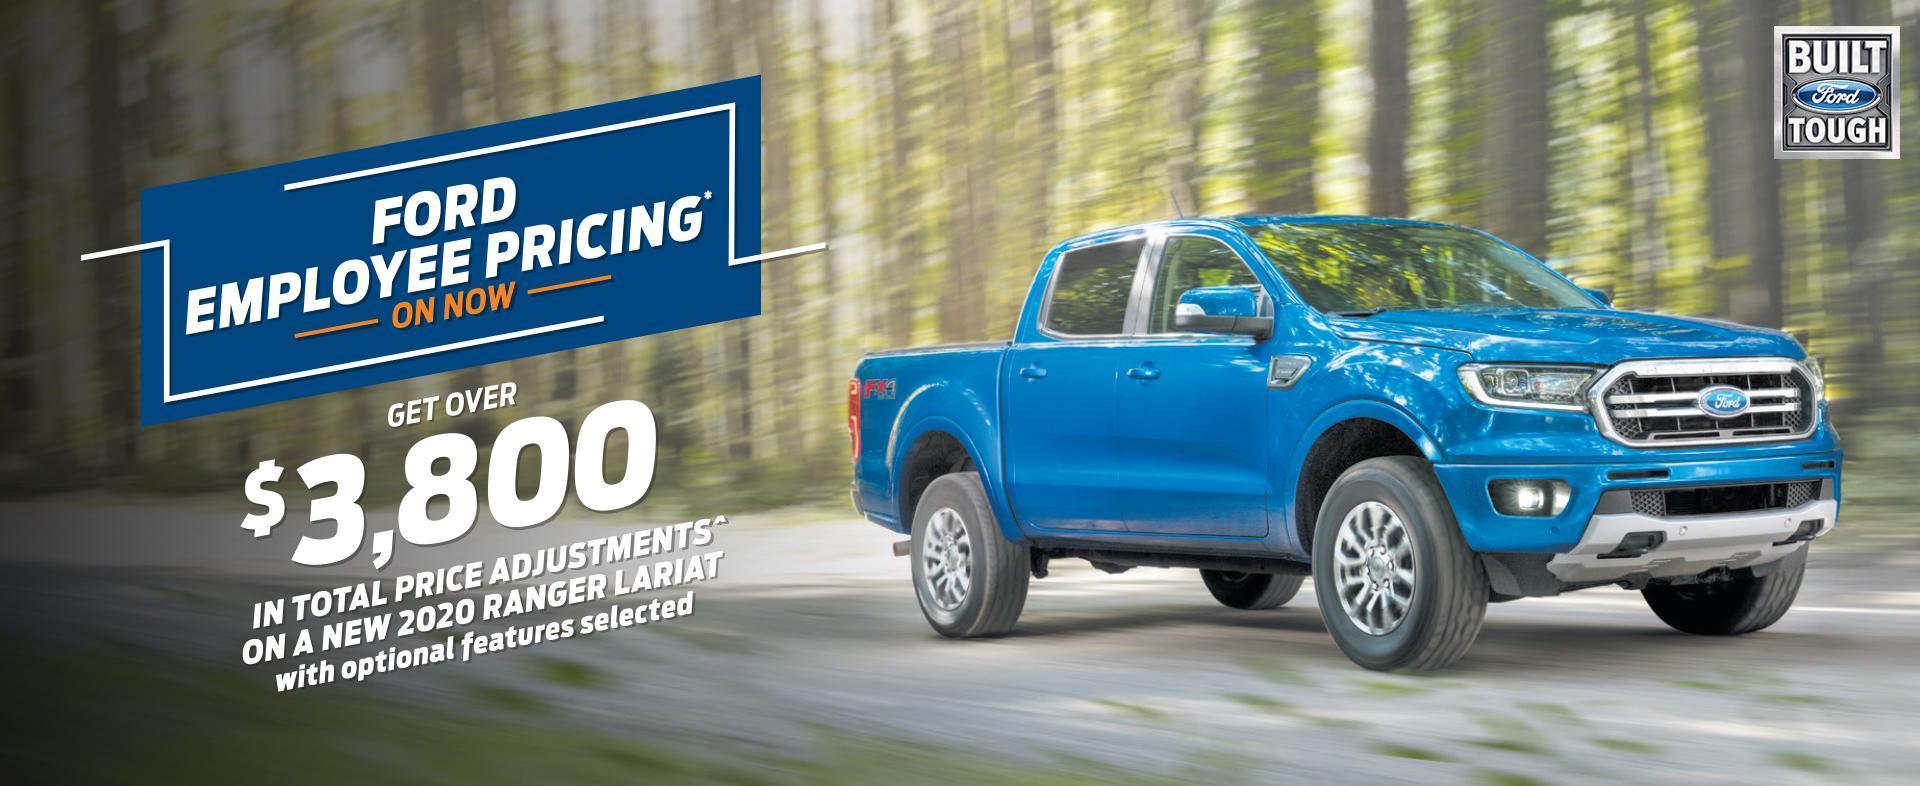 Ford & Lincoln 2020 Ranger image